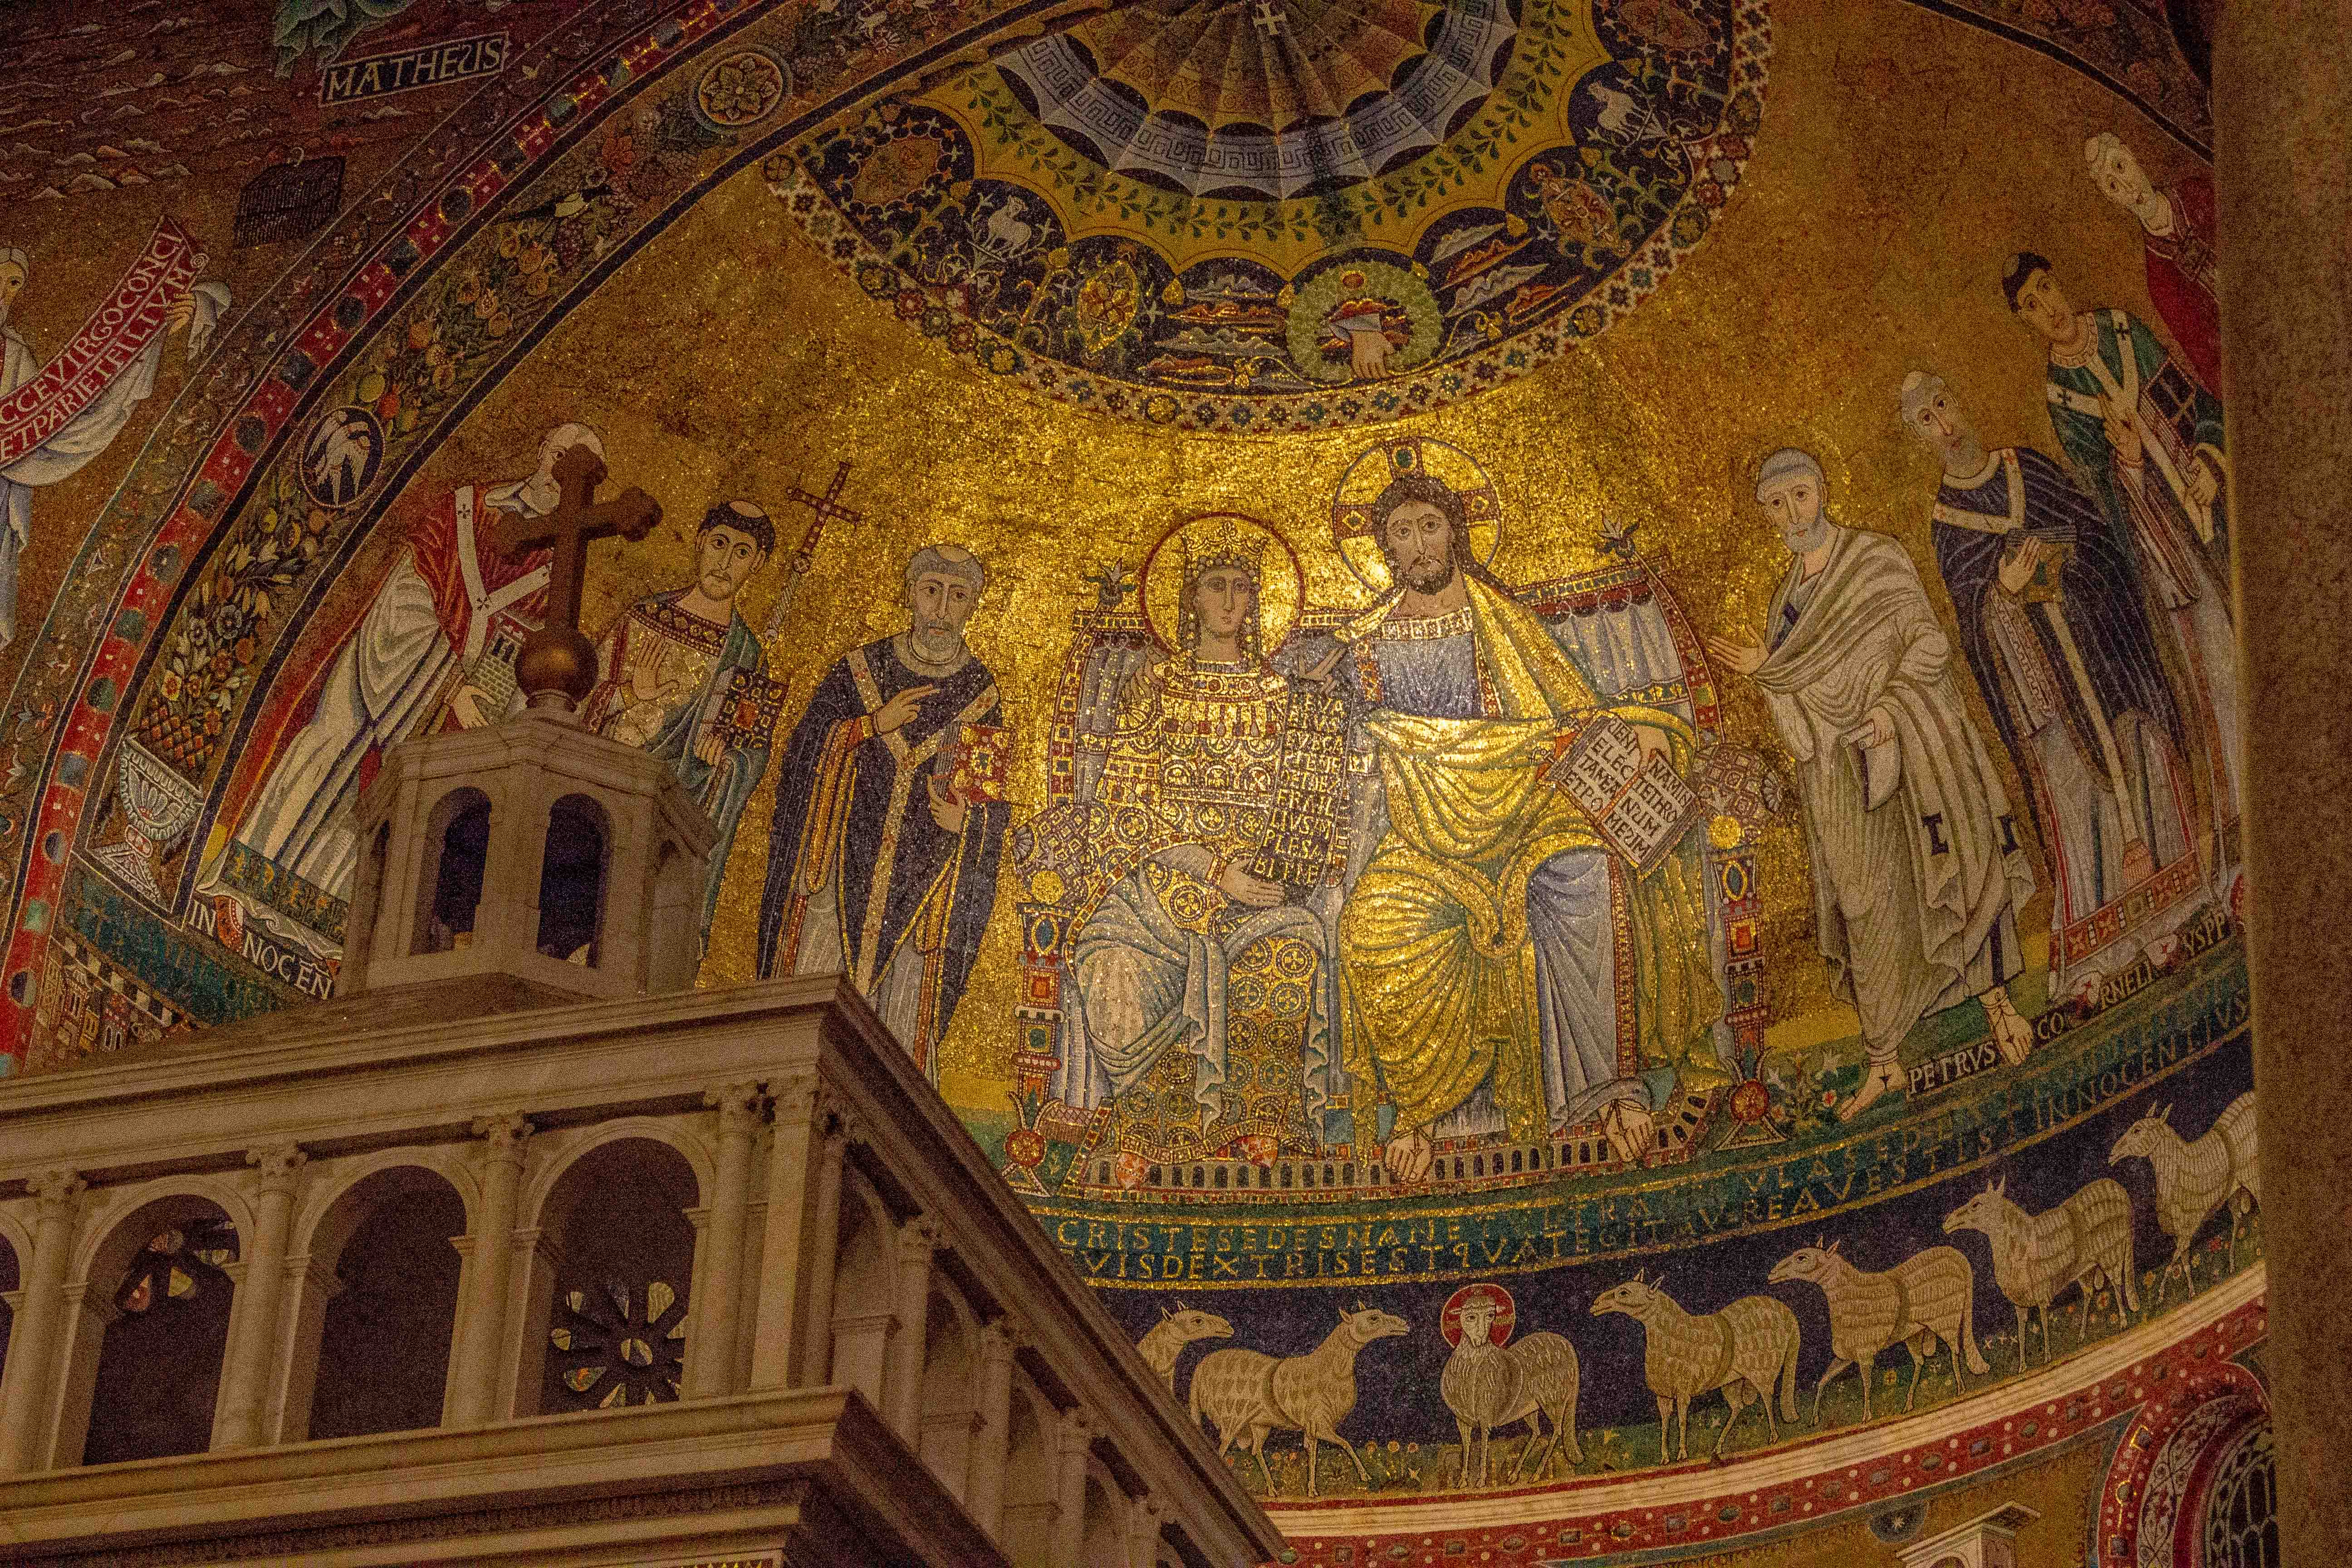 IMG_5497 - Santa Maria in Trastevere-1